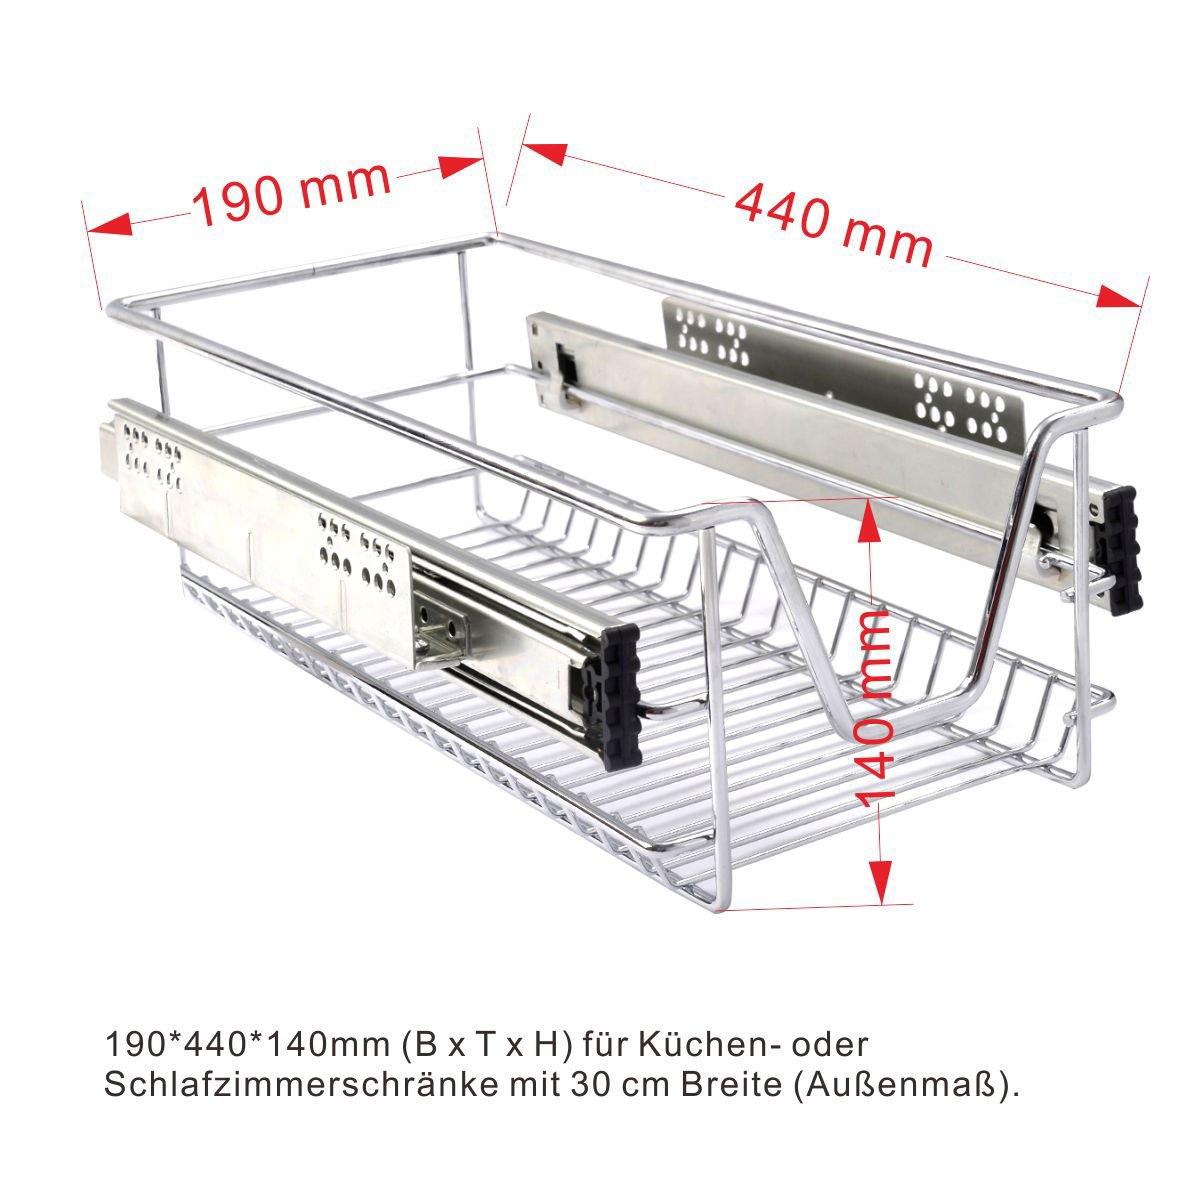 Küchenschublade Teleskopschublade Schublade für Küchen-oder ...